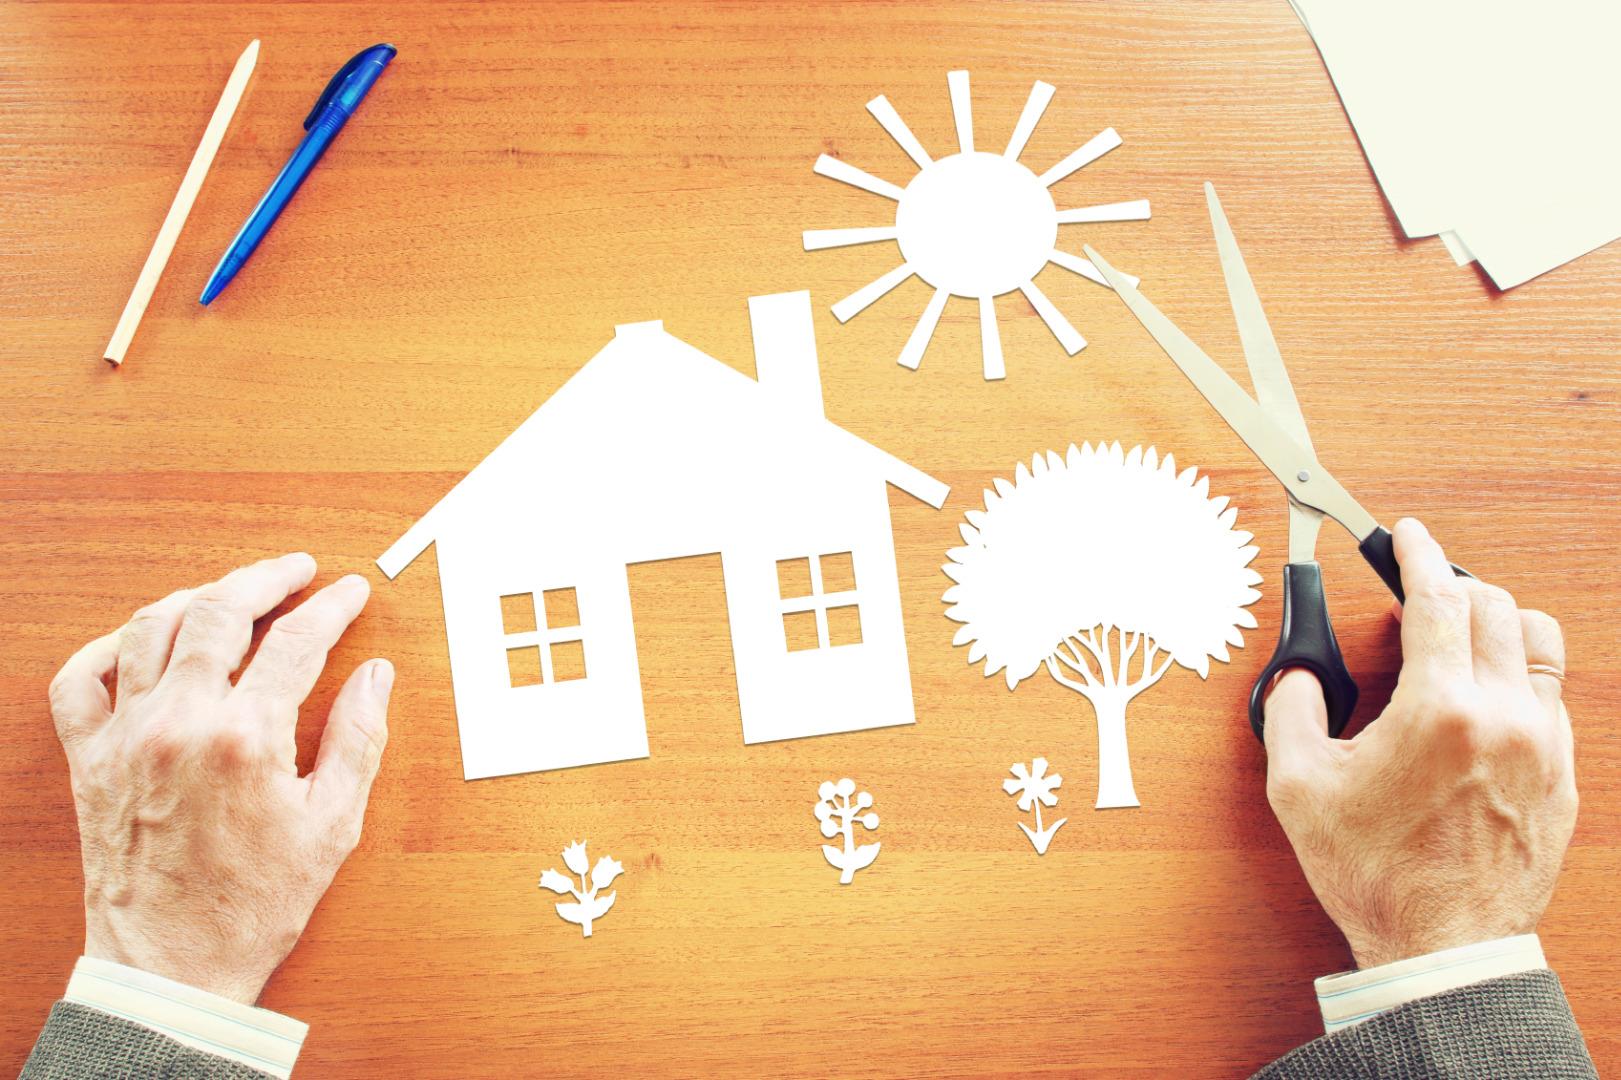 Acheter maison suisse sans fond propre ventana blog for Acheter maison suisse